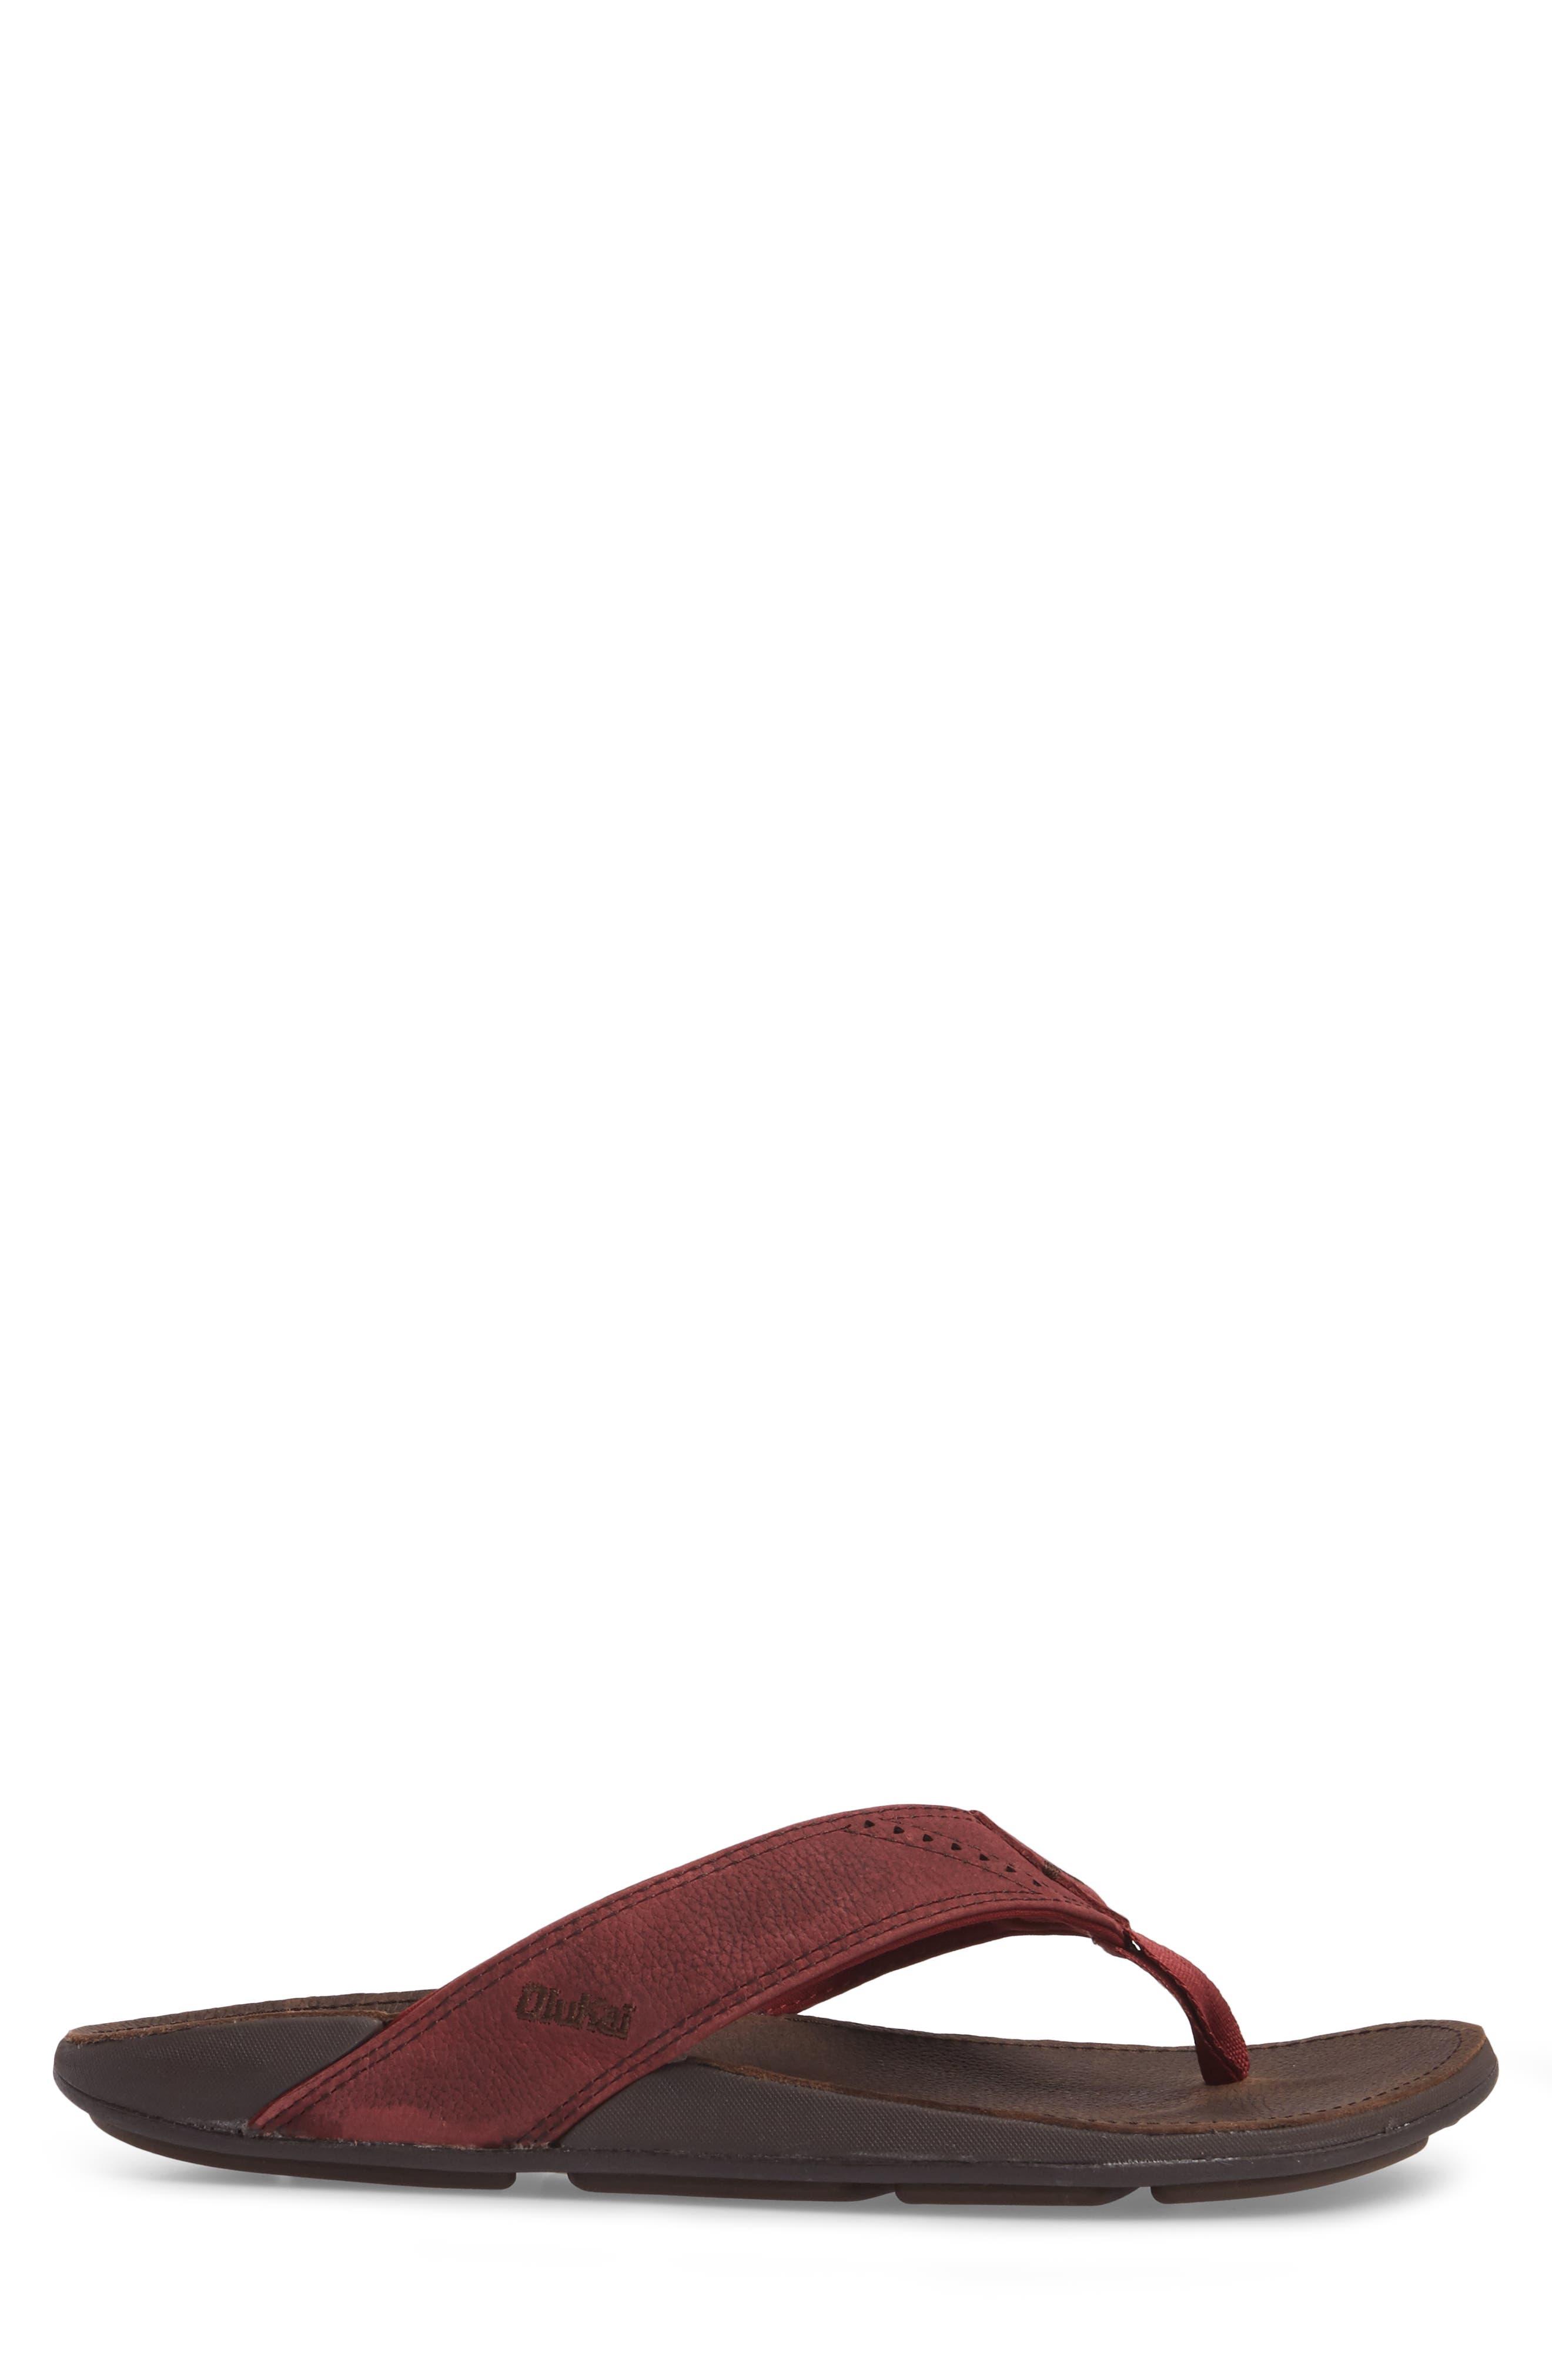 Alternate Image 3  - OluKai 'Nui' Leather Flip Flop (Men)